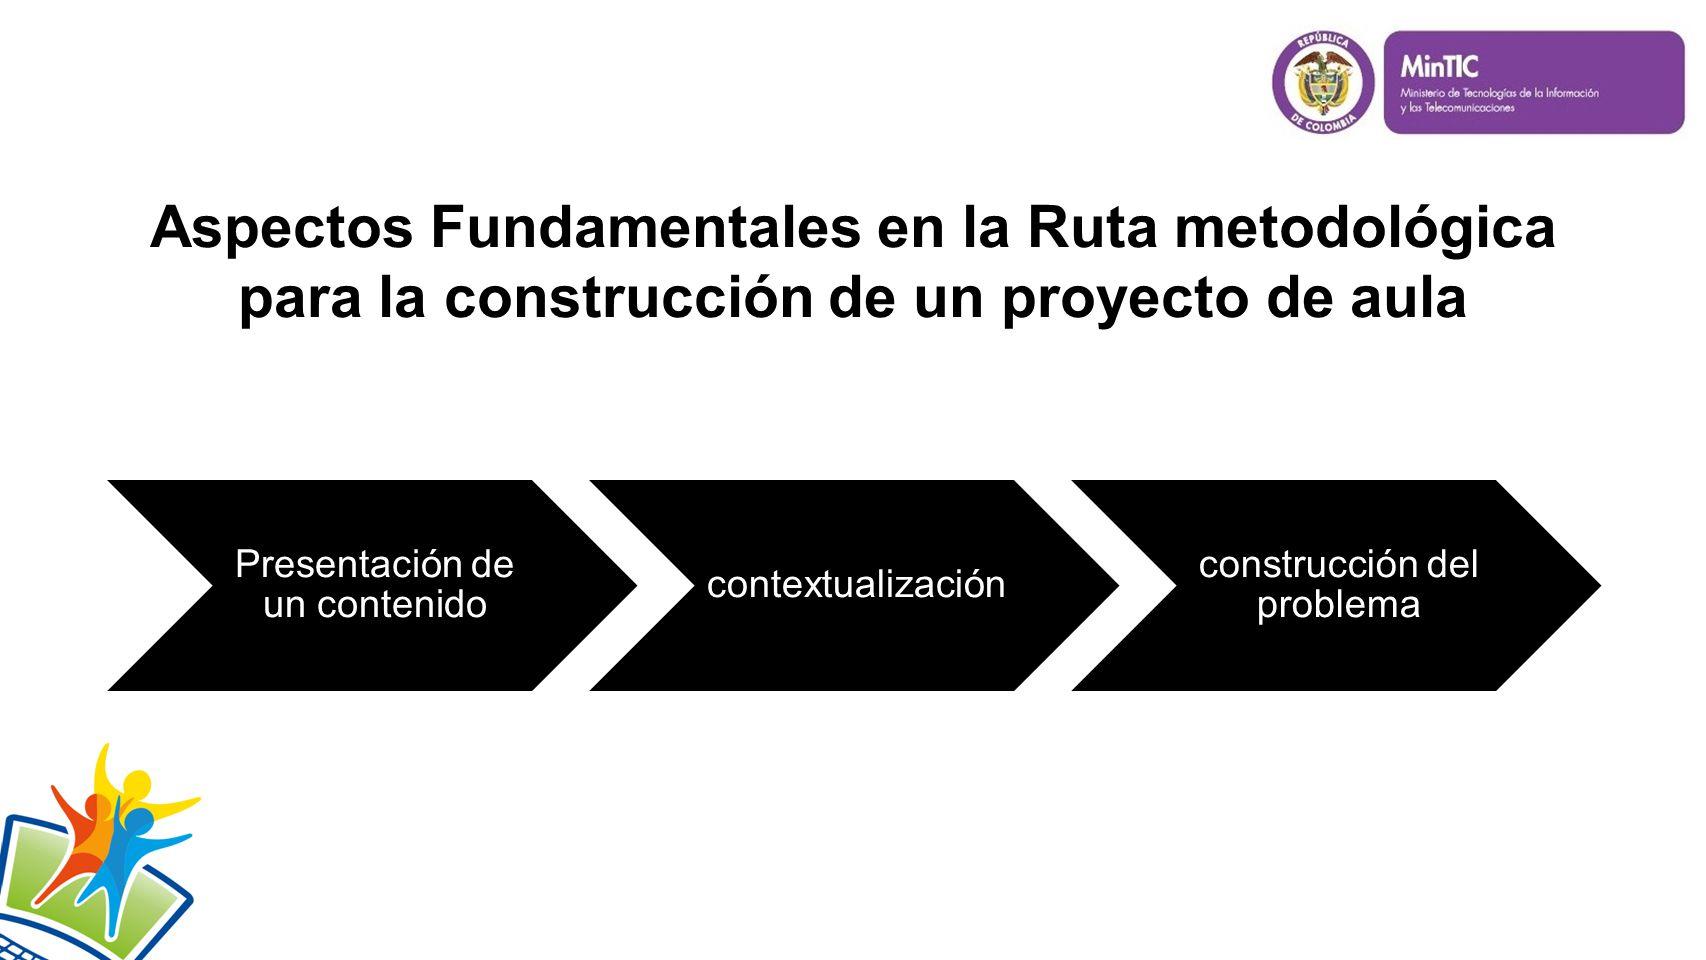 Aspectos Fundamentales en la Ruta metodológica para la construcción de un proyecto de aula Presentación de un contenido contextualización construcción del problema